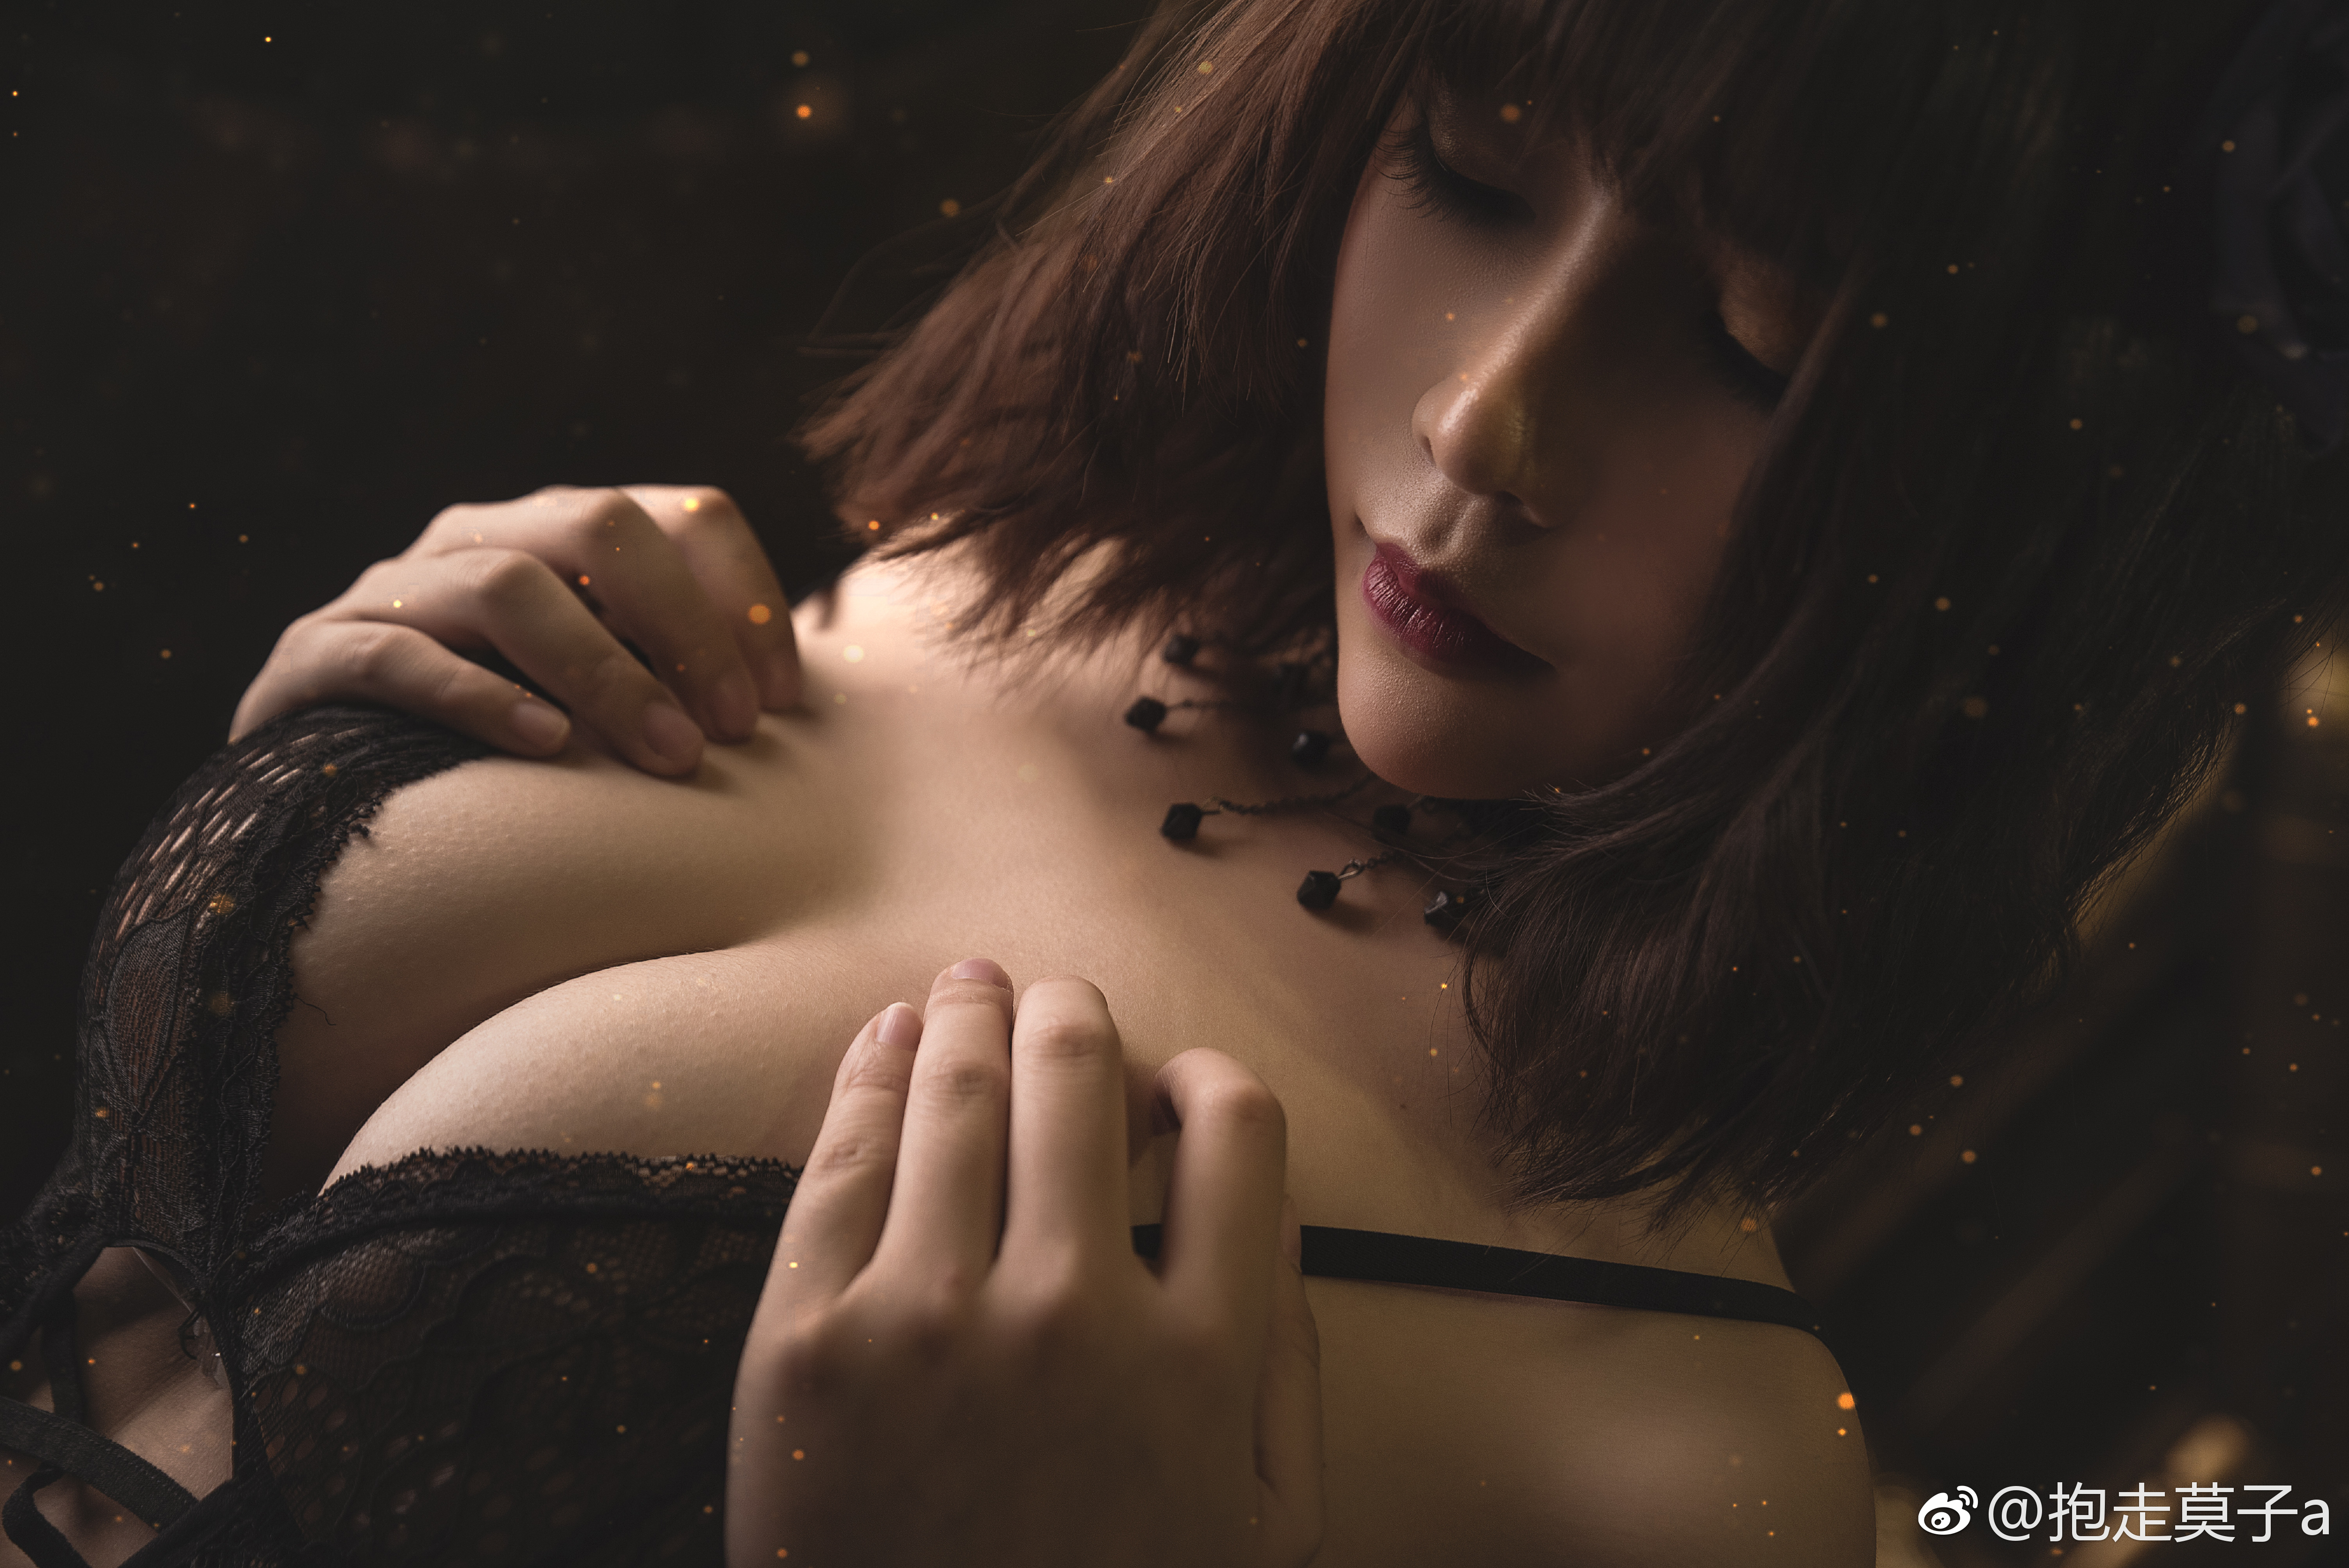 萌妹子的微博5W粉丝福利,少女内衣私房写真(9P)